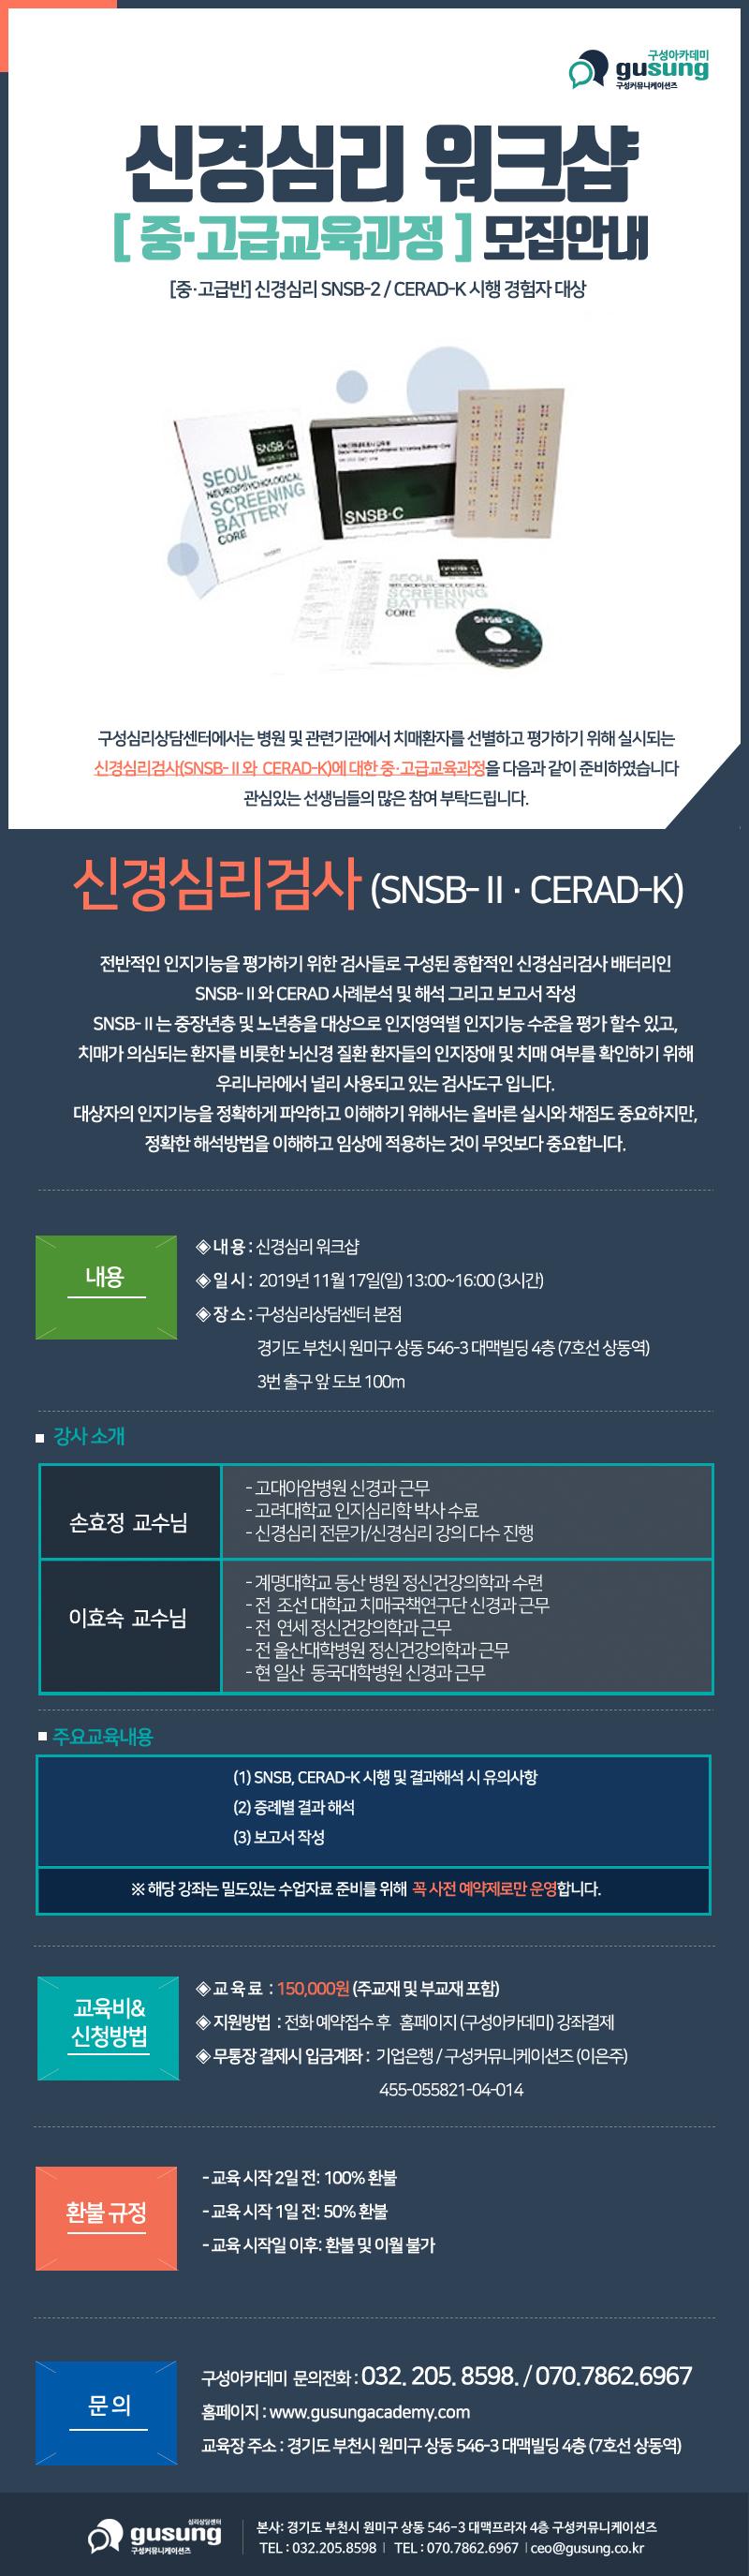 신경심리 워크샵 중고급 교육과정 11월.jpg